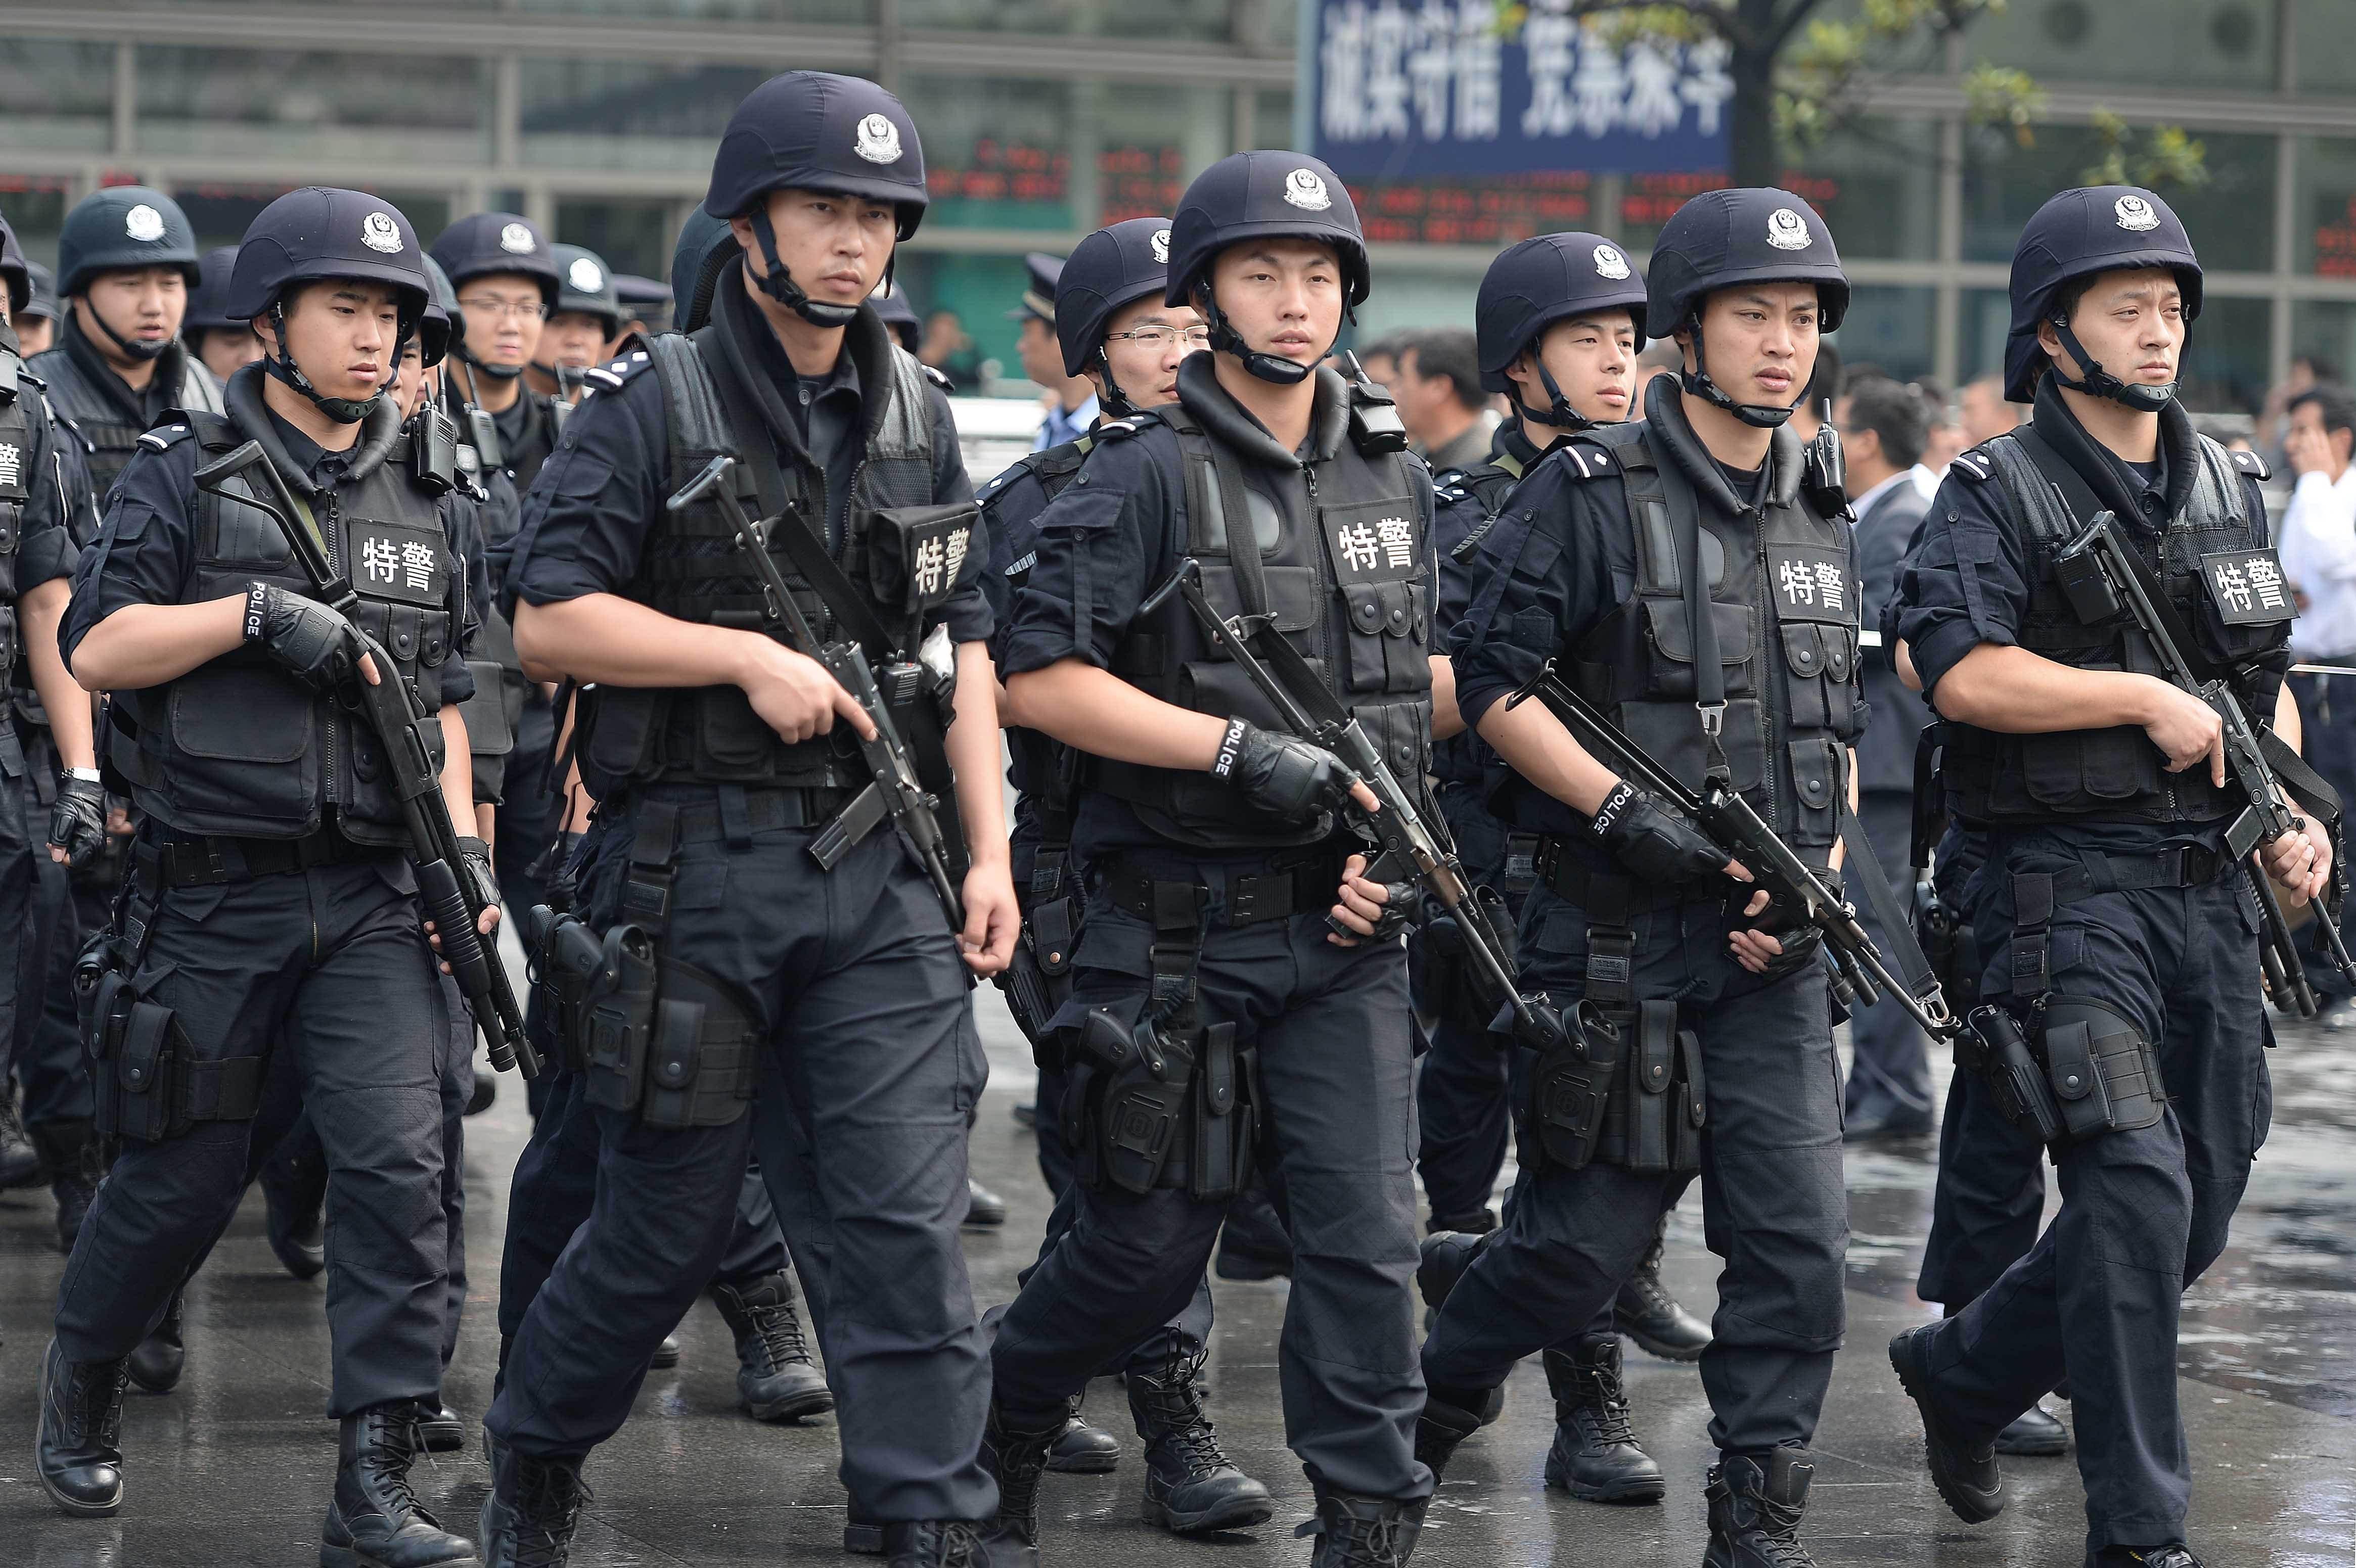 lapd swat team essay